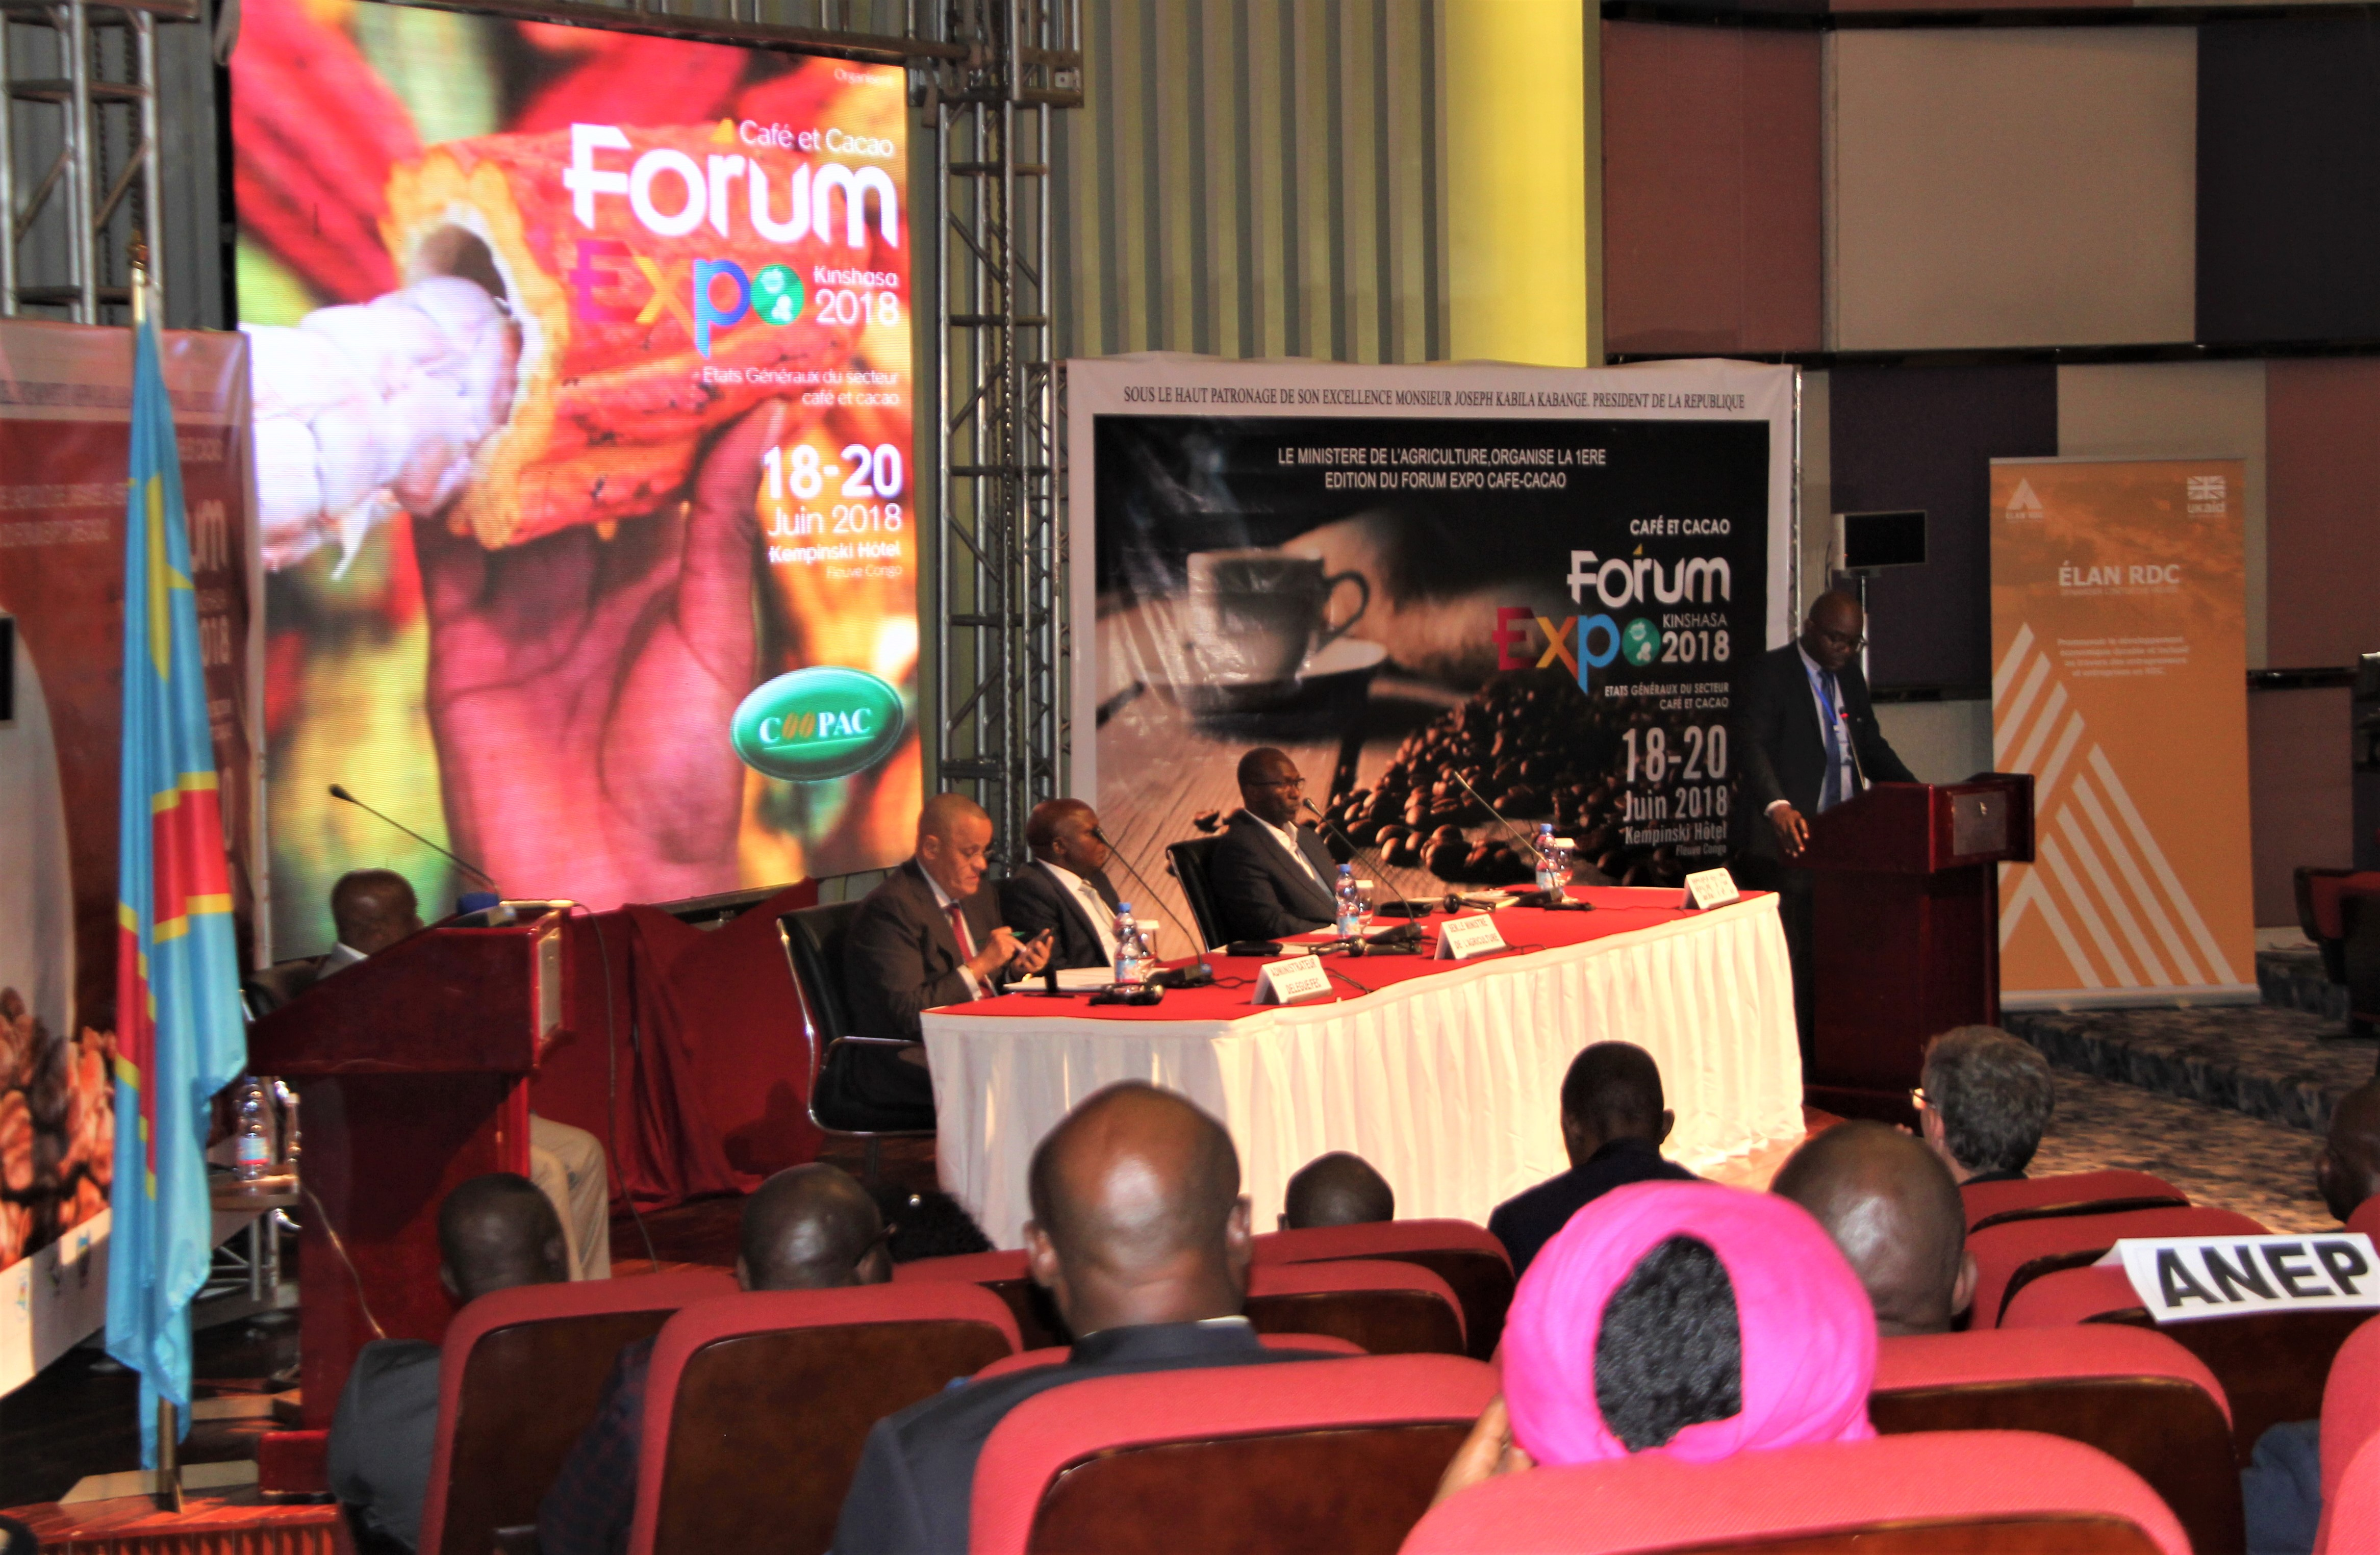 RDC: Forum Expo café-cacao, voici les recommandations sériées en quatre axes! 1